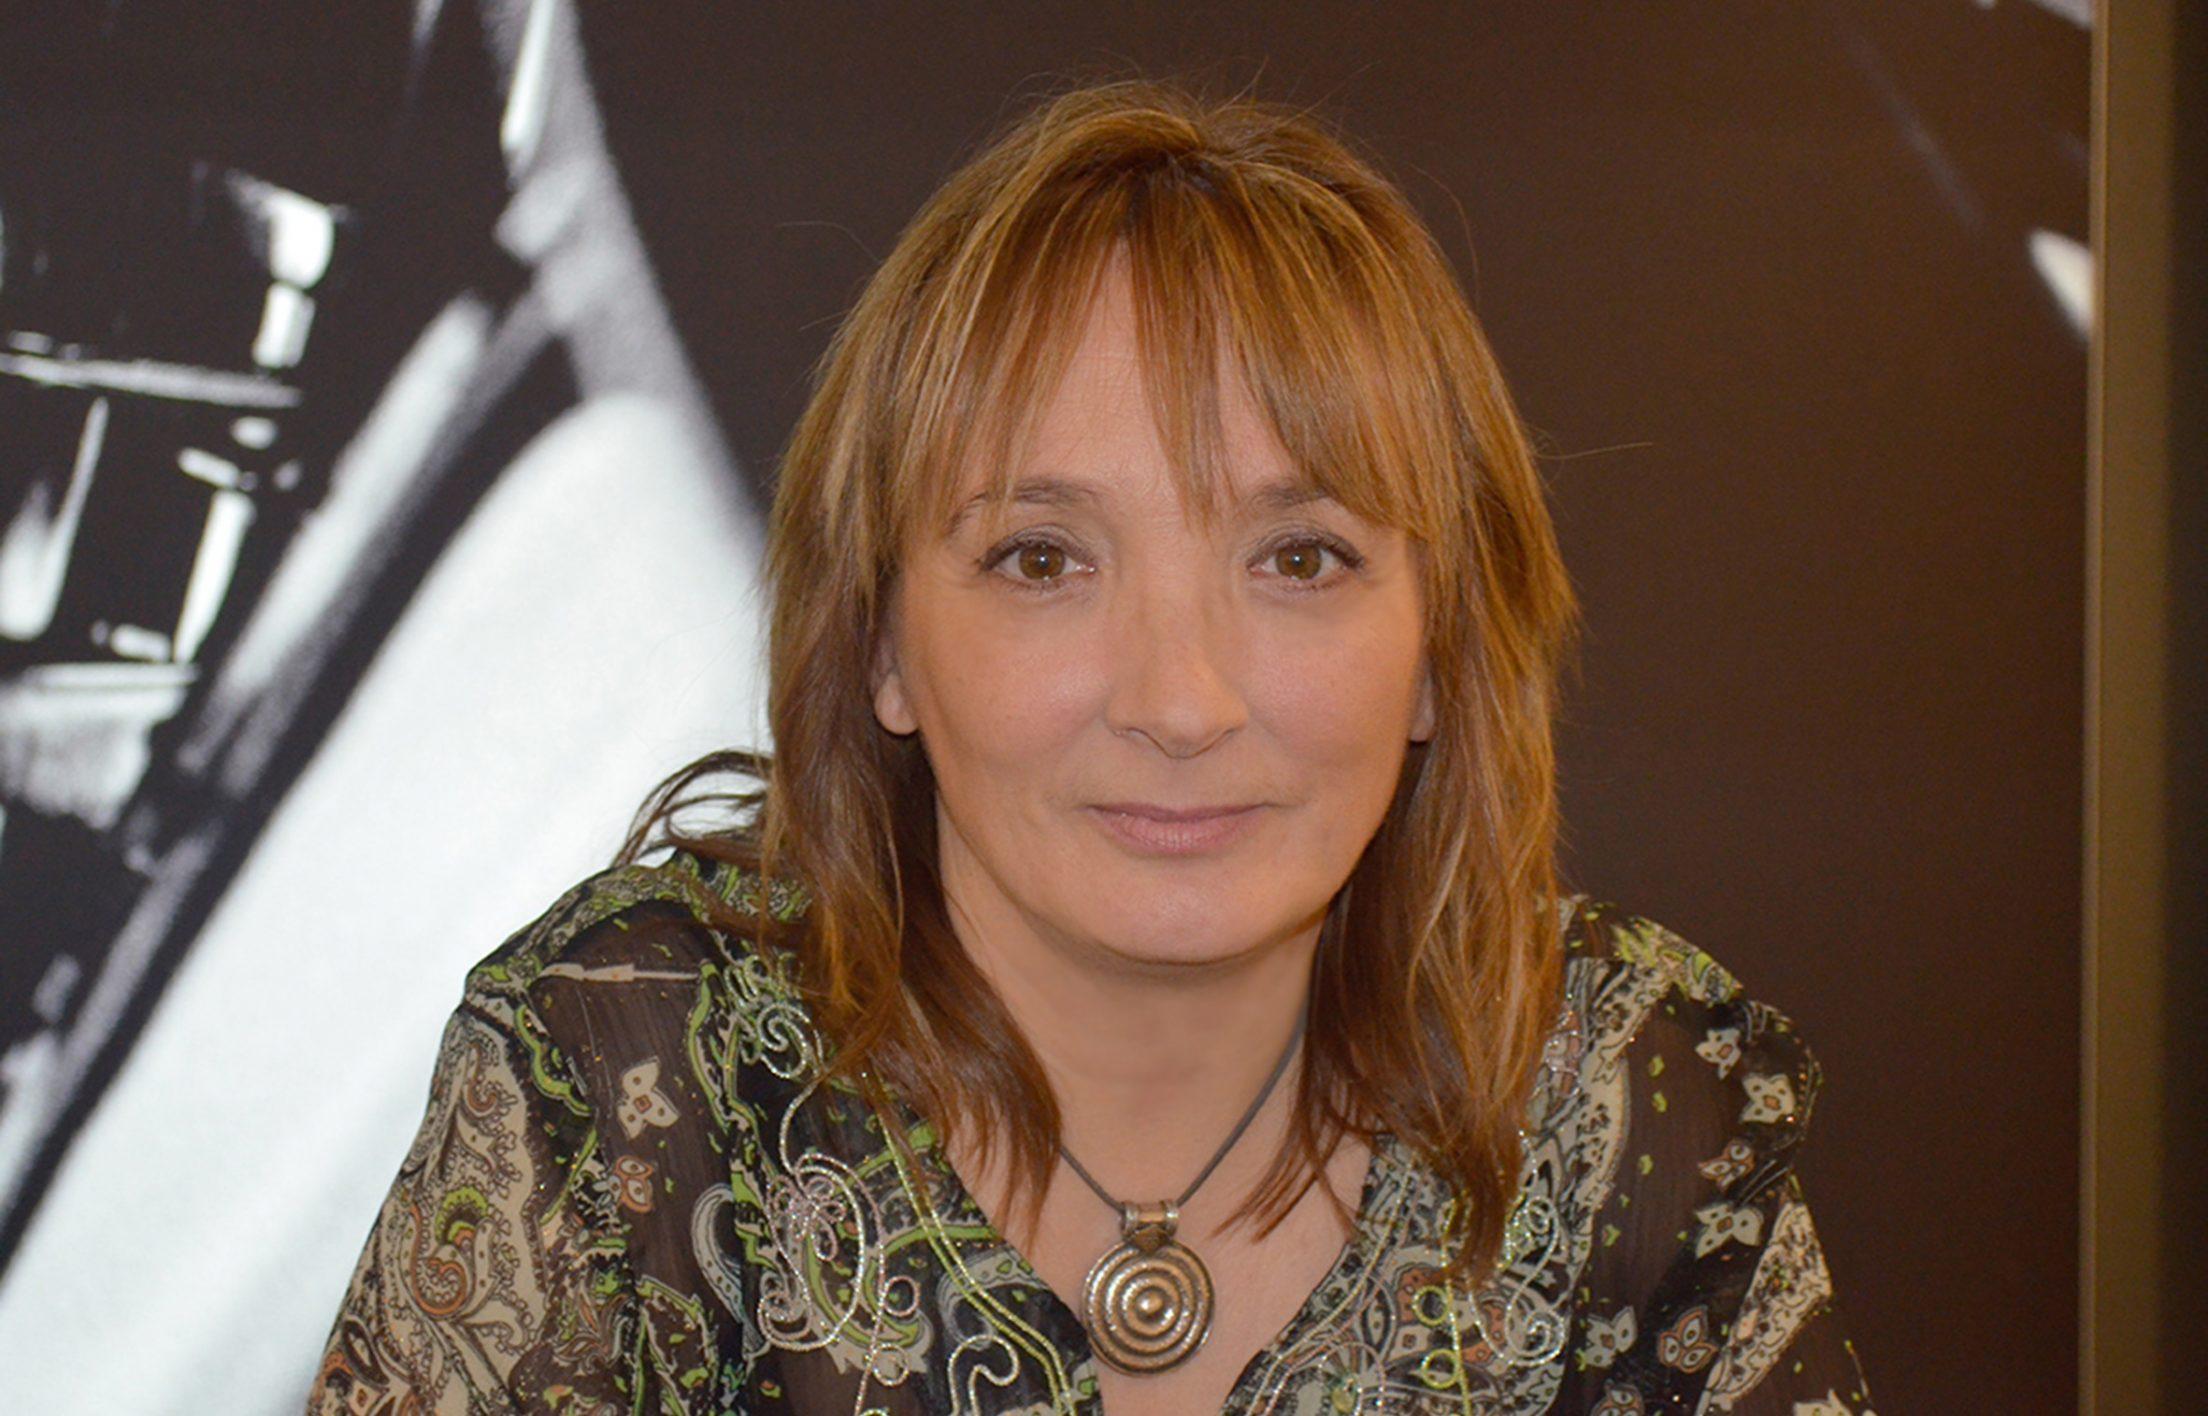 Susana Rodriguez Lezaun